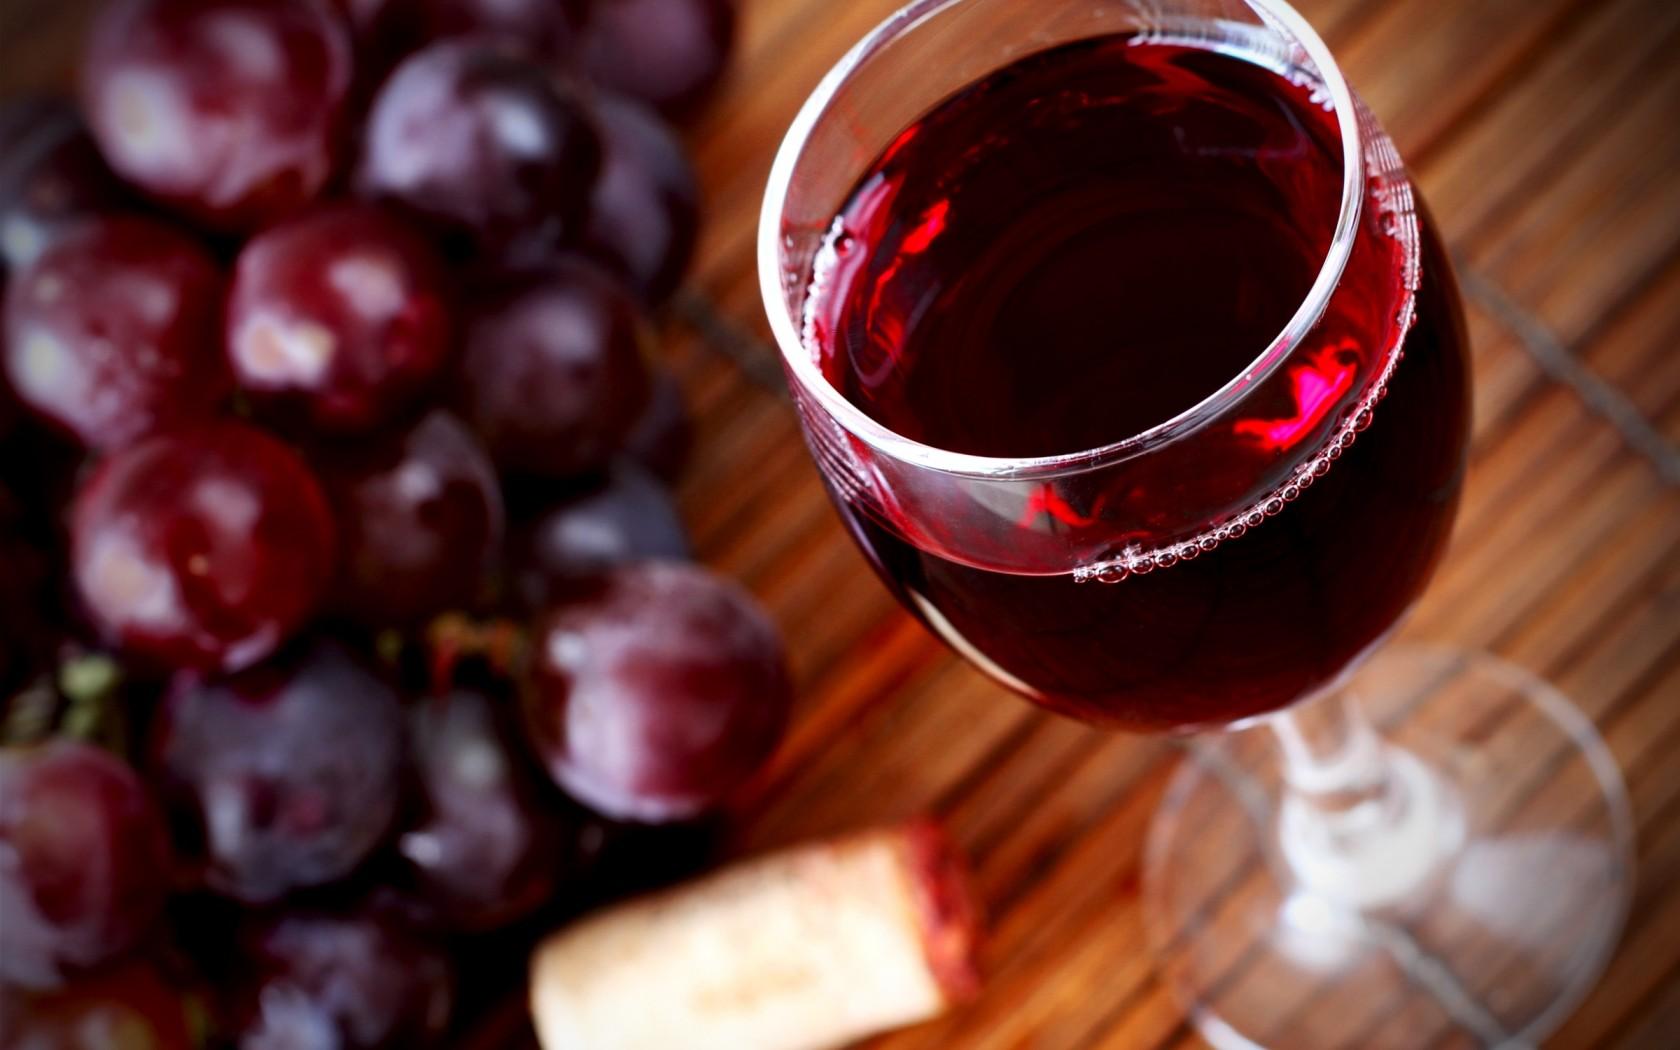 Алкогольная диета: как похудеть без ограничений в питании